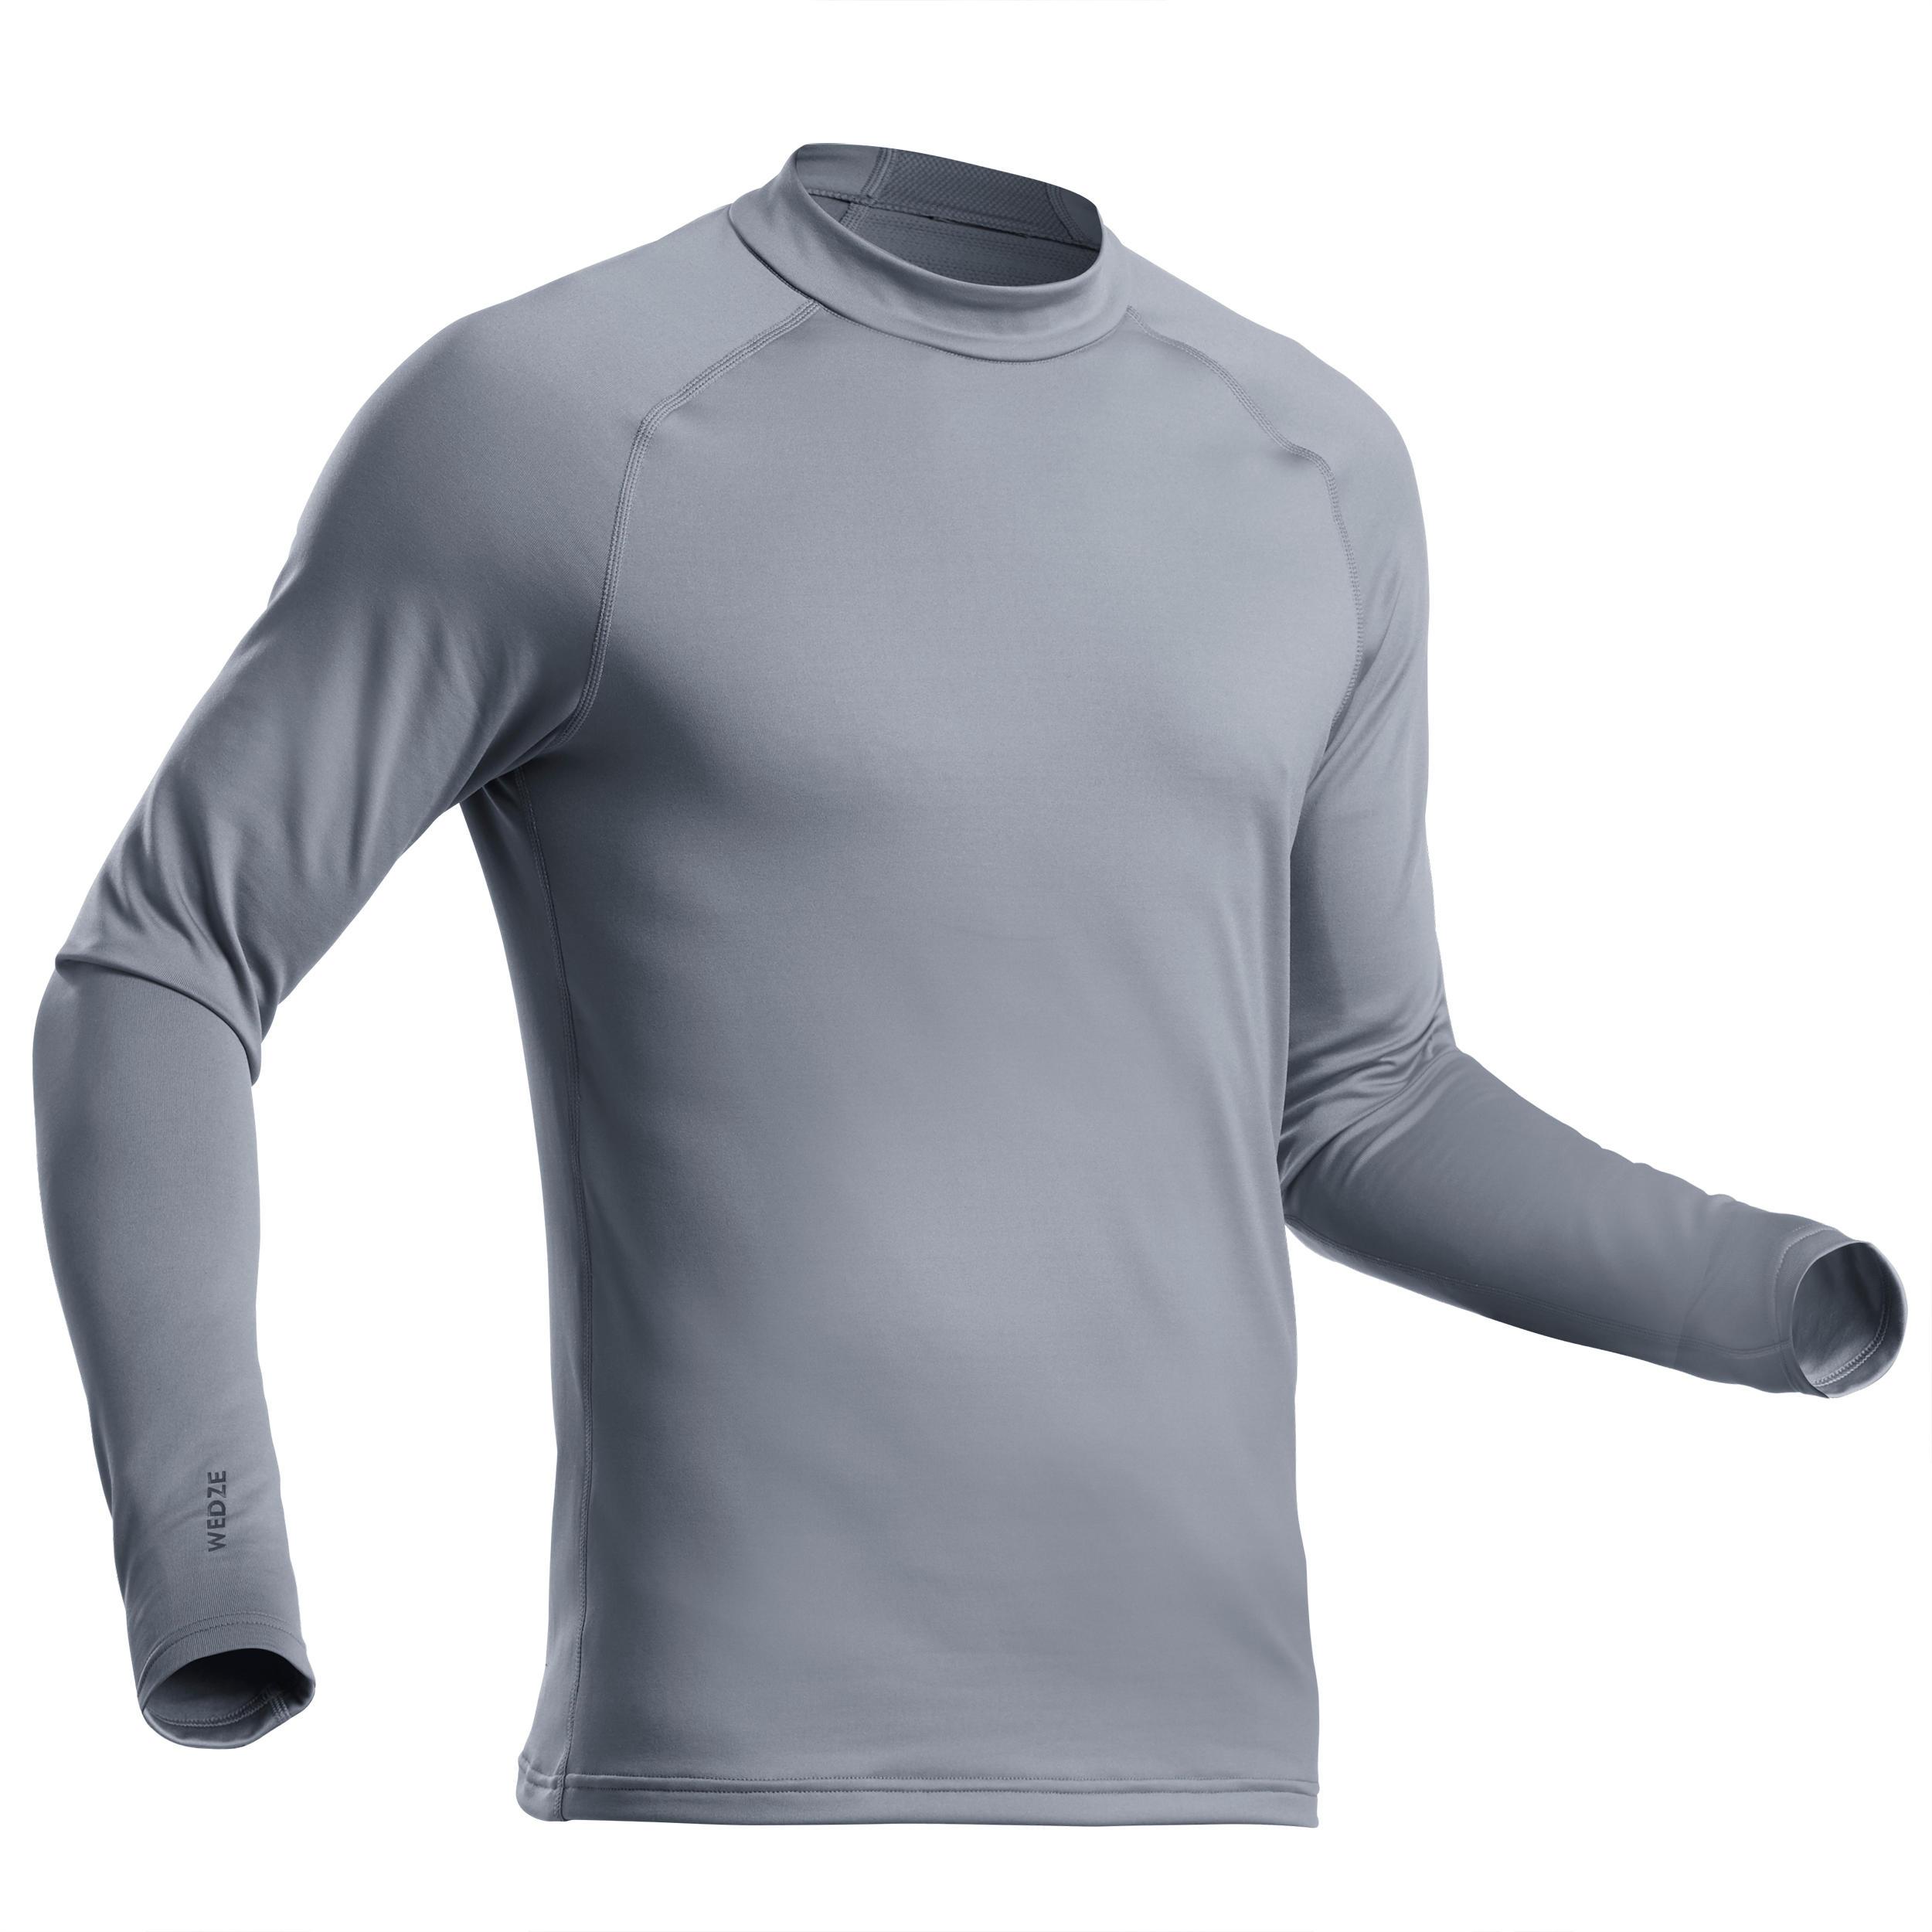 Bluză schi 500 fermoar scurt imagine produs